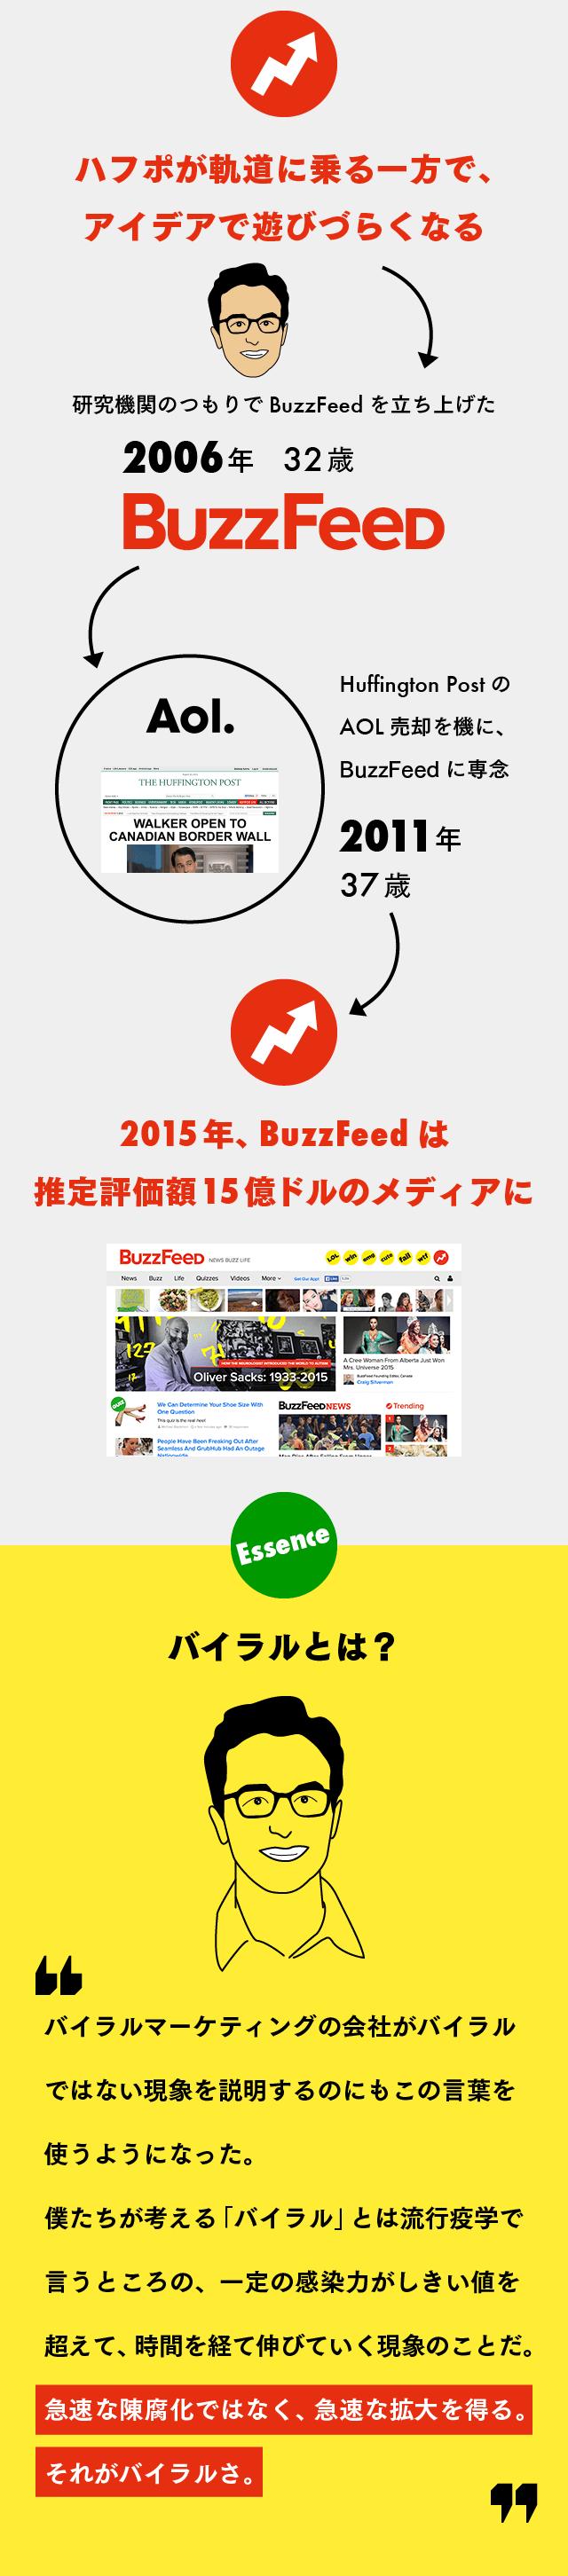 【マスター】バズフィード創業者ストーリー_20150831-08